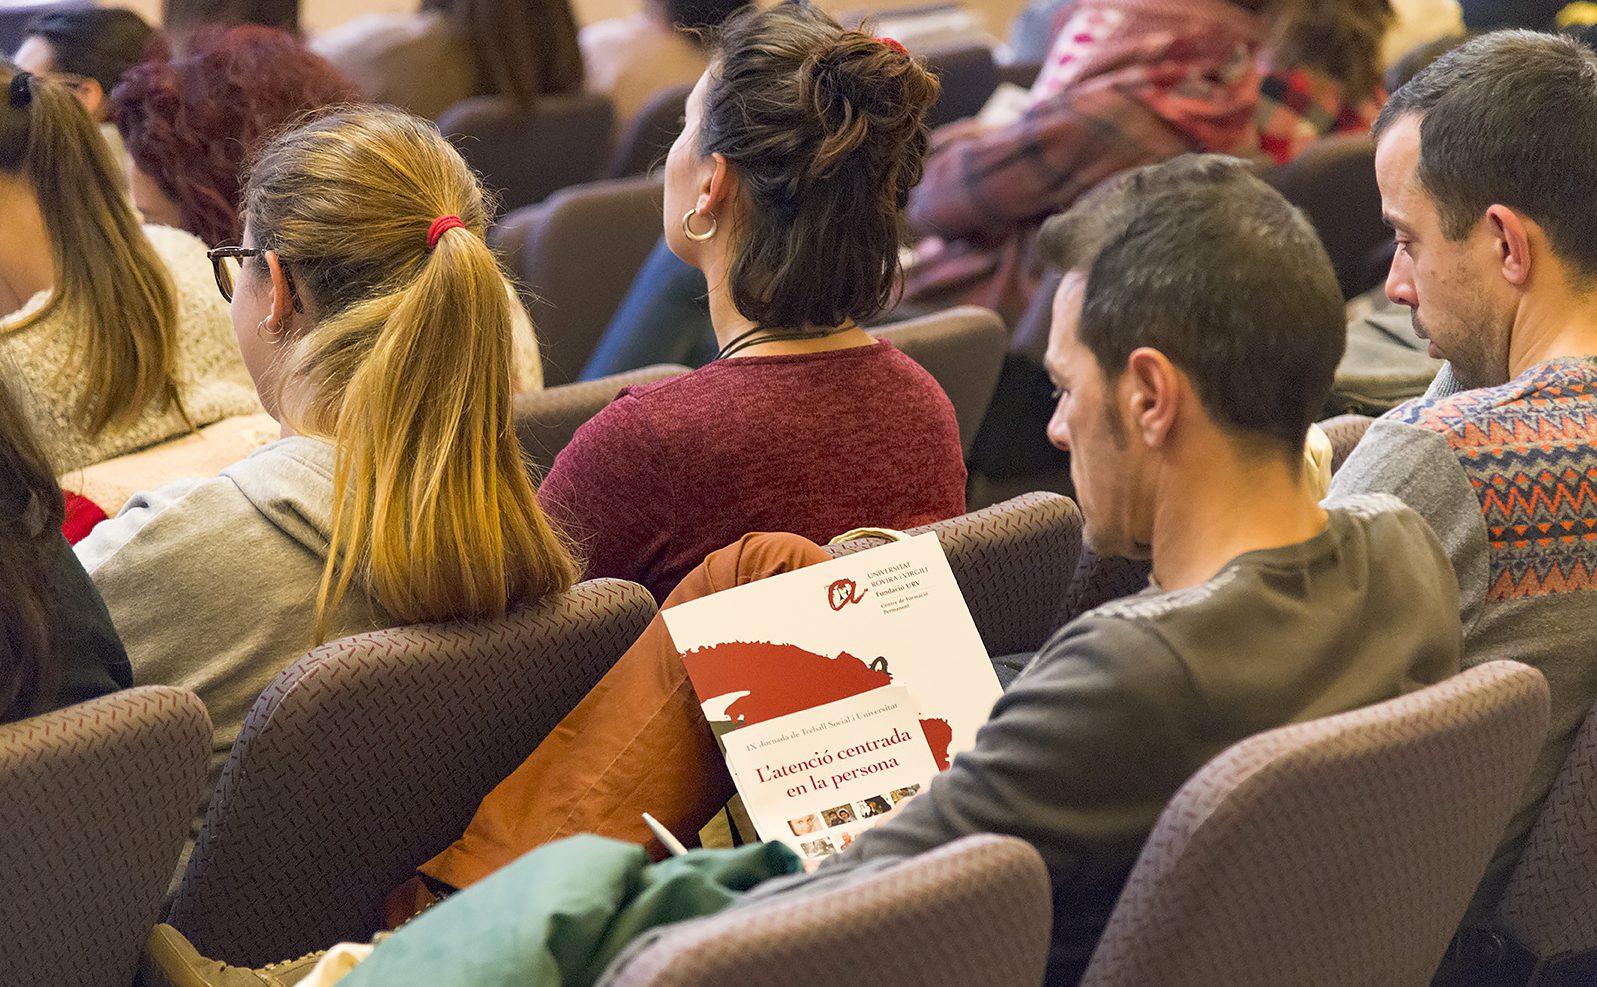 L'atenció centrada en la persona va ser el motiu central de la Jornada.